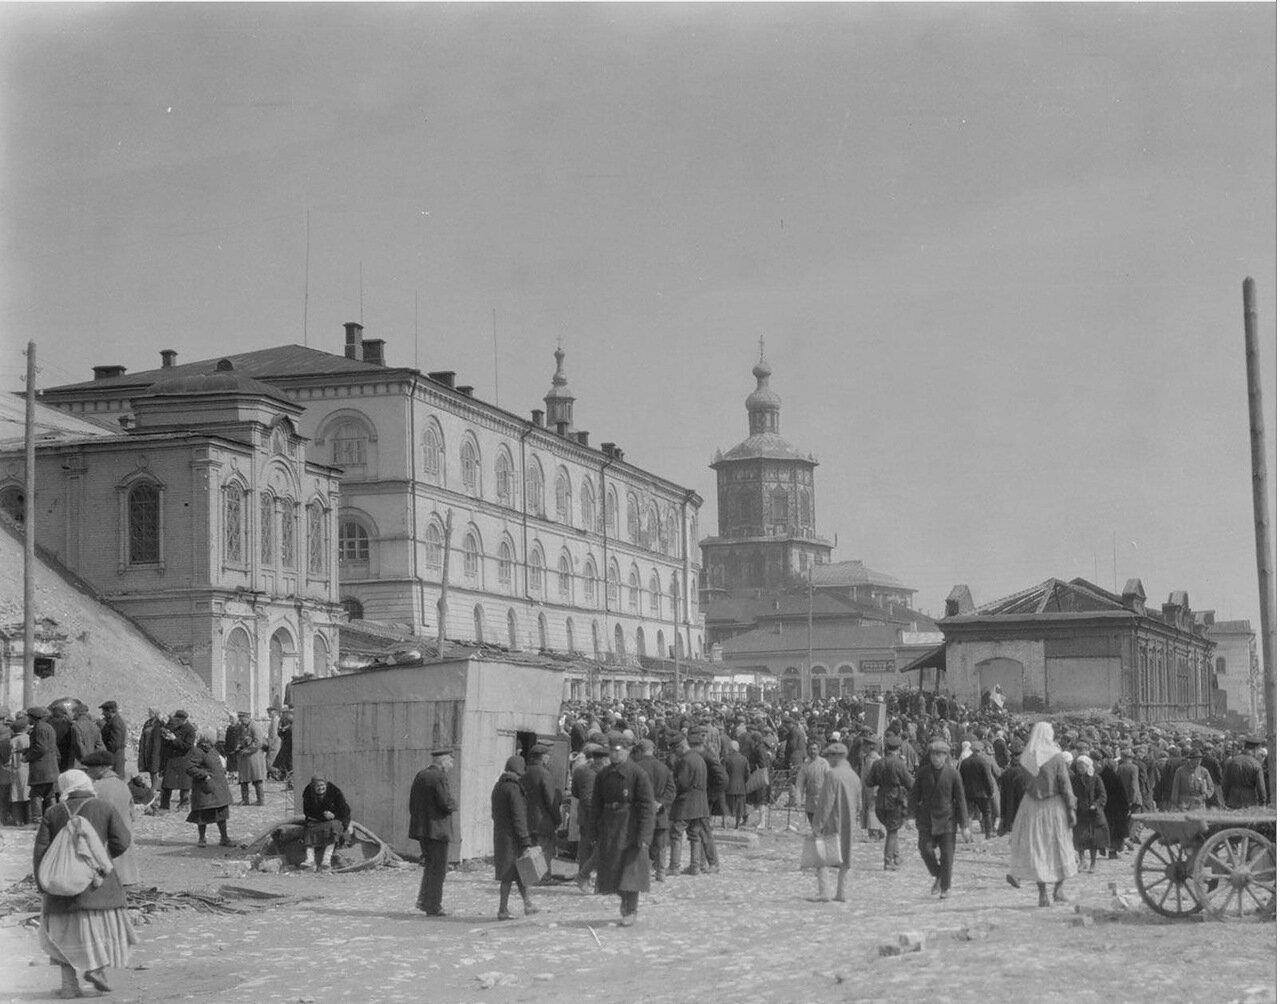 Казань. Уличная сцена с Петропавловским собором на заднем плане